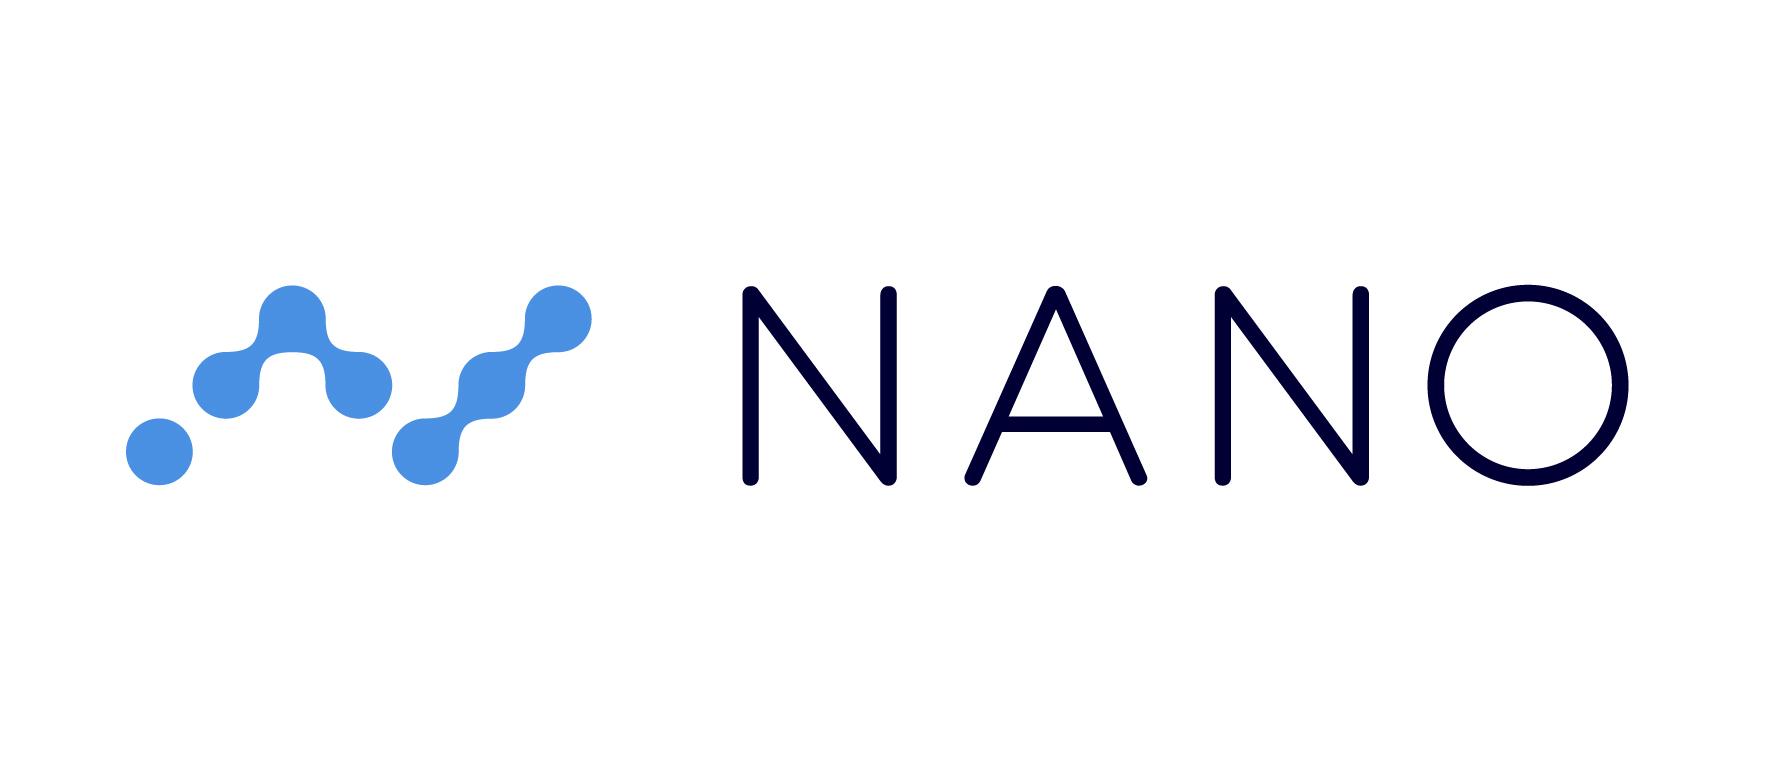 دعوى قضائية ضد القائمون على مشروع NANO